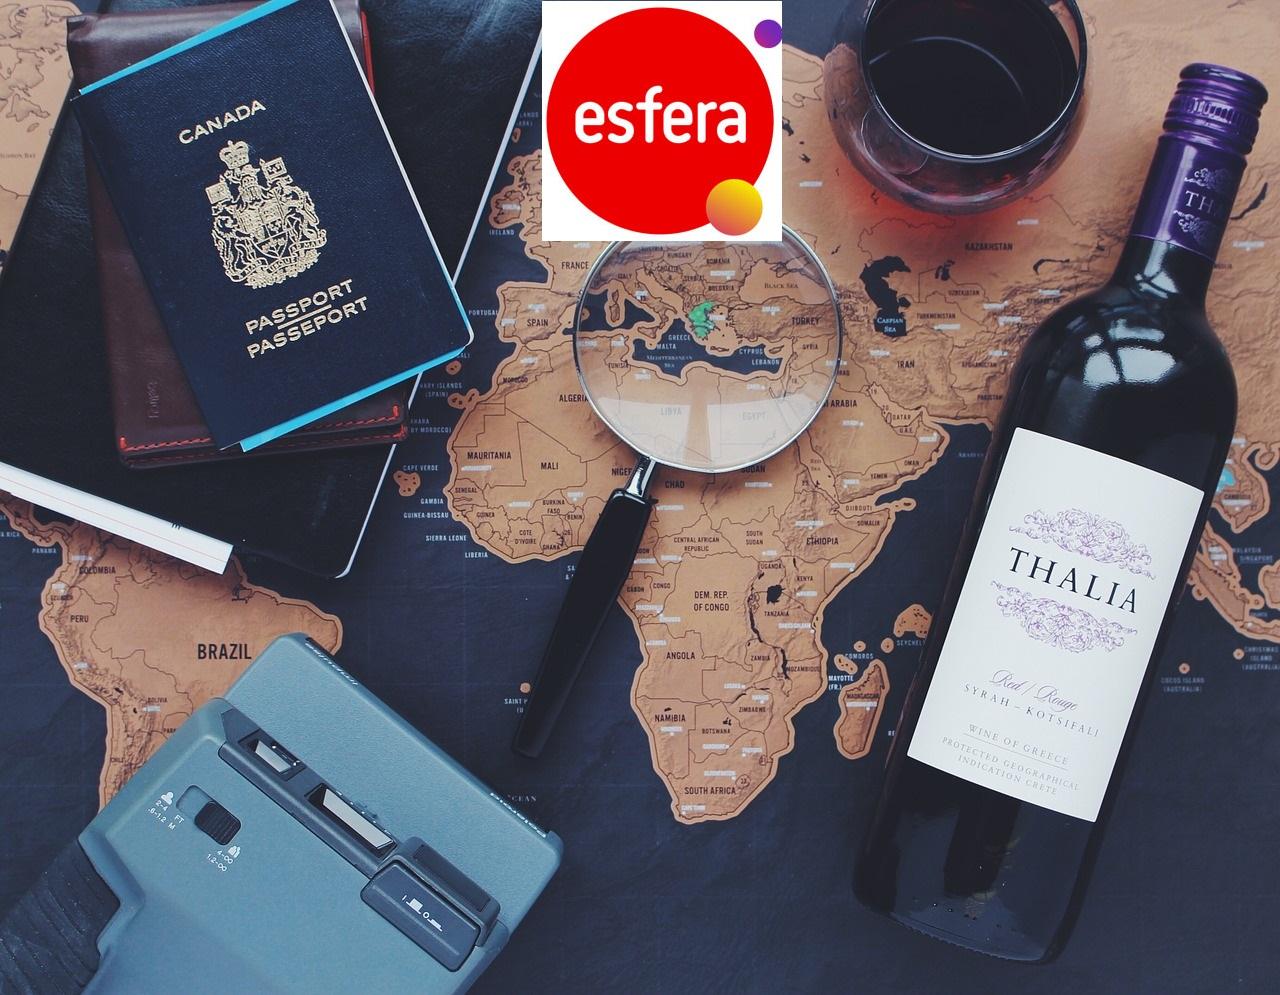 7 PONTOS ESFERA POR REAL GASTO NA CENTAURO: Santander Esfera e Centauro juntos nessa promoção!